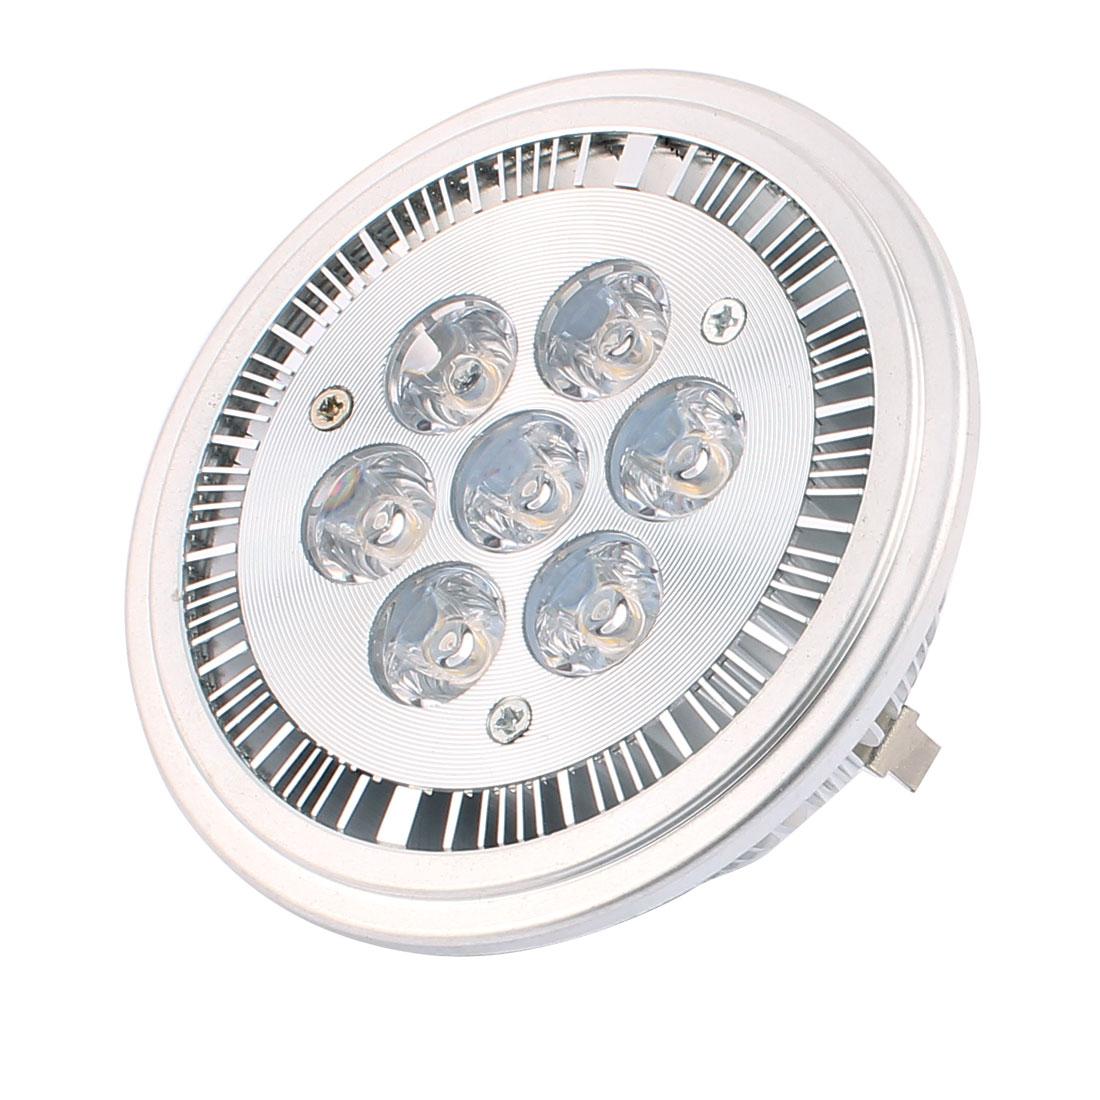 DC 12V 7W AR111 COB G53 LED Ceiling Light Lamp Spotlight Reflector Warm White